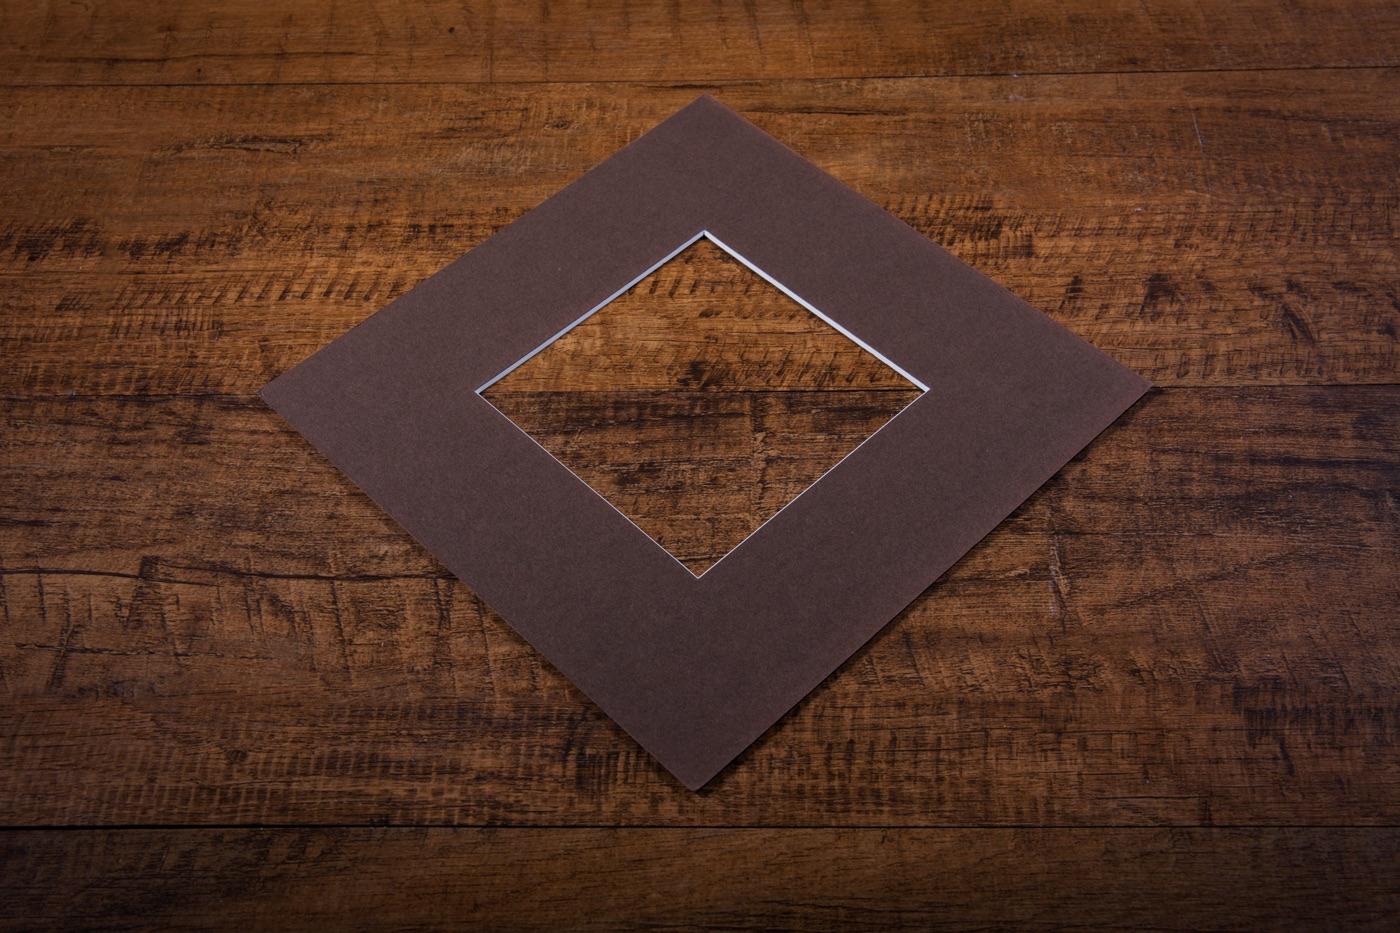 Sepia Mount Board